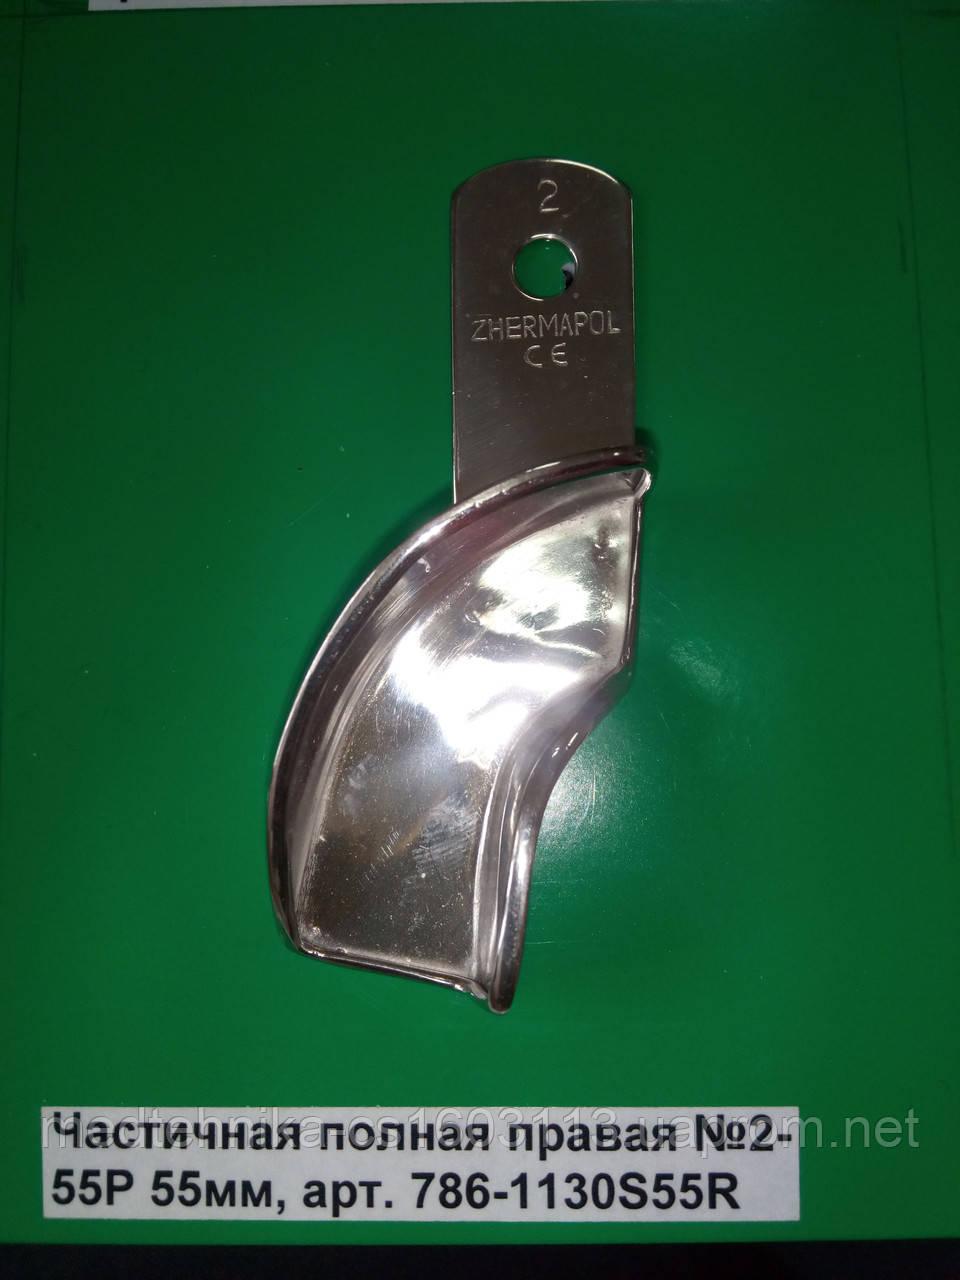 Ложка оттискная для частичных съемных протезов частичная полная правая №2